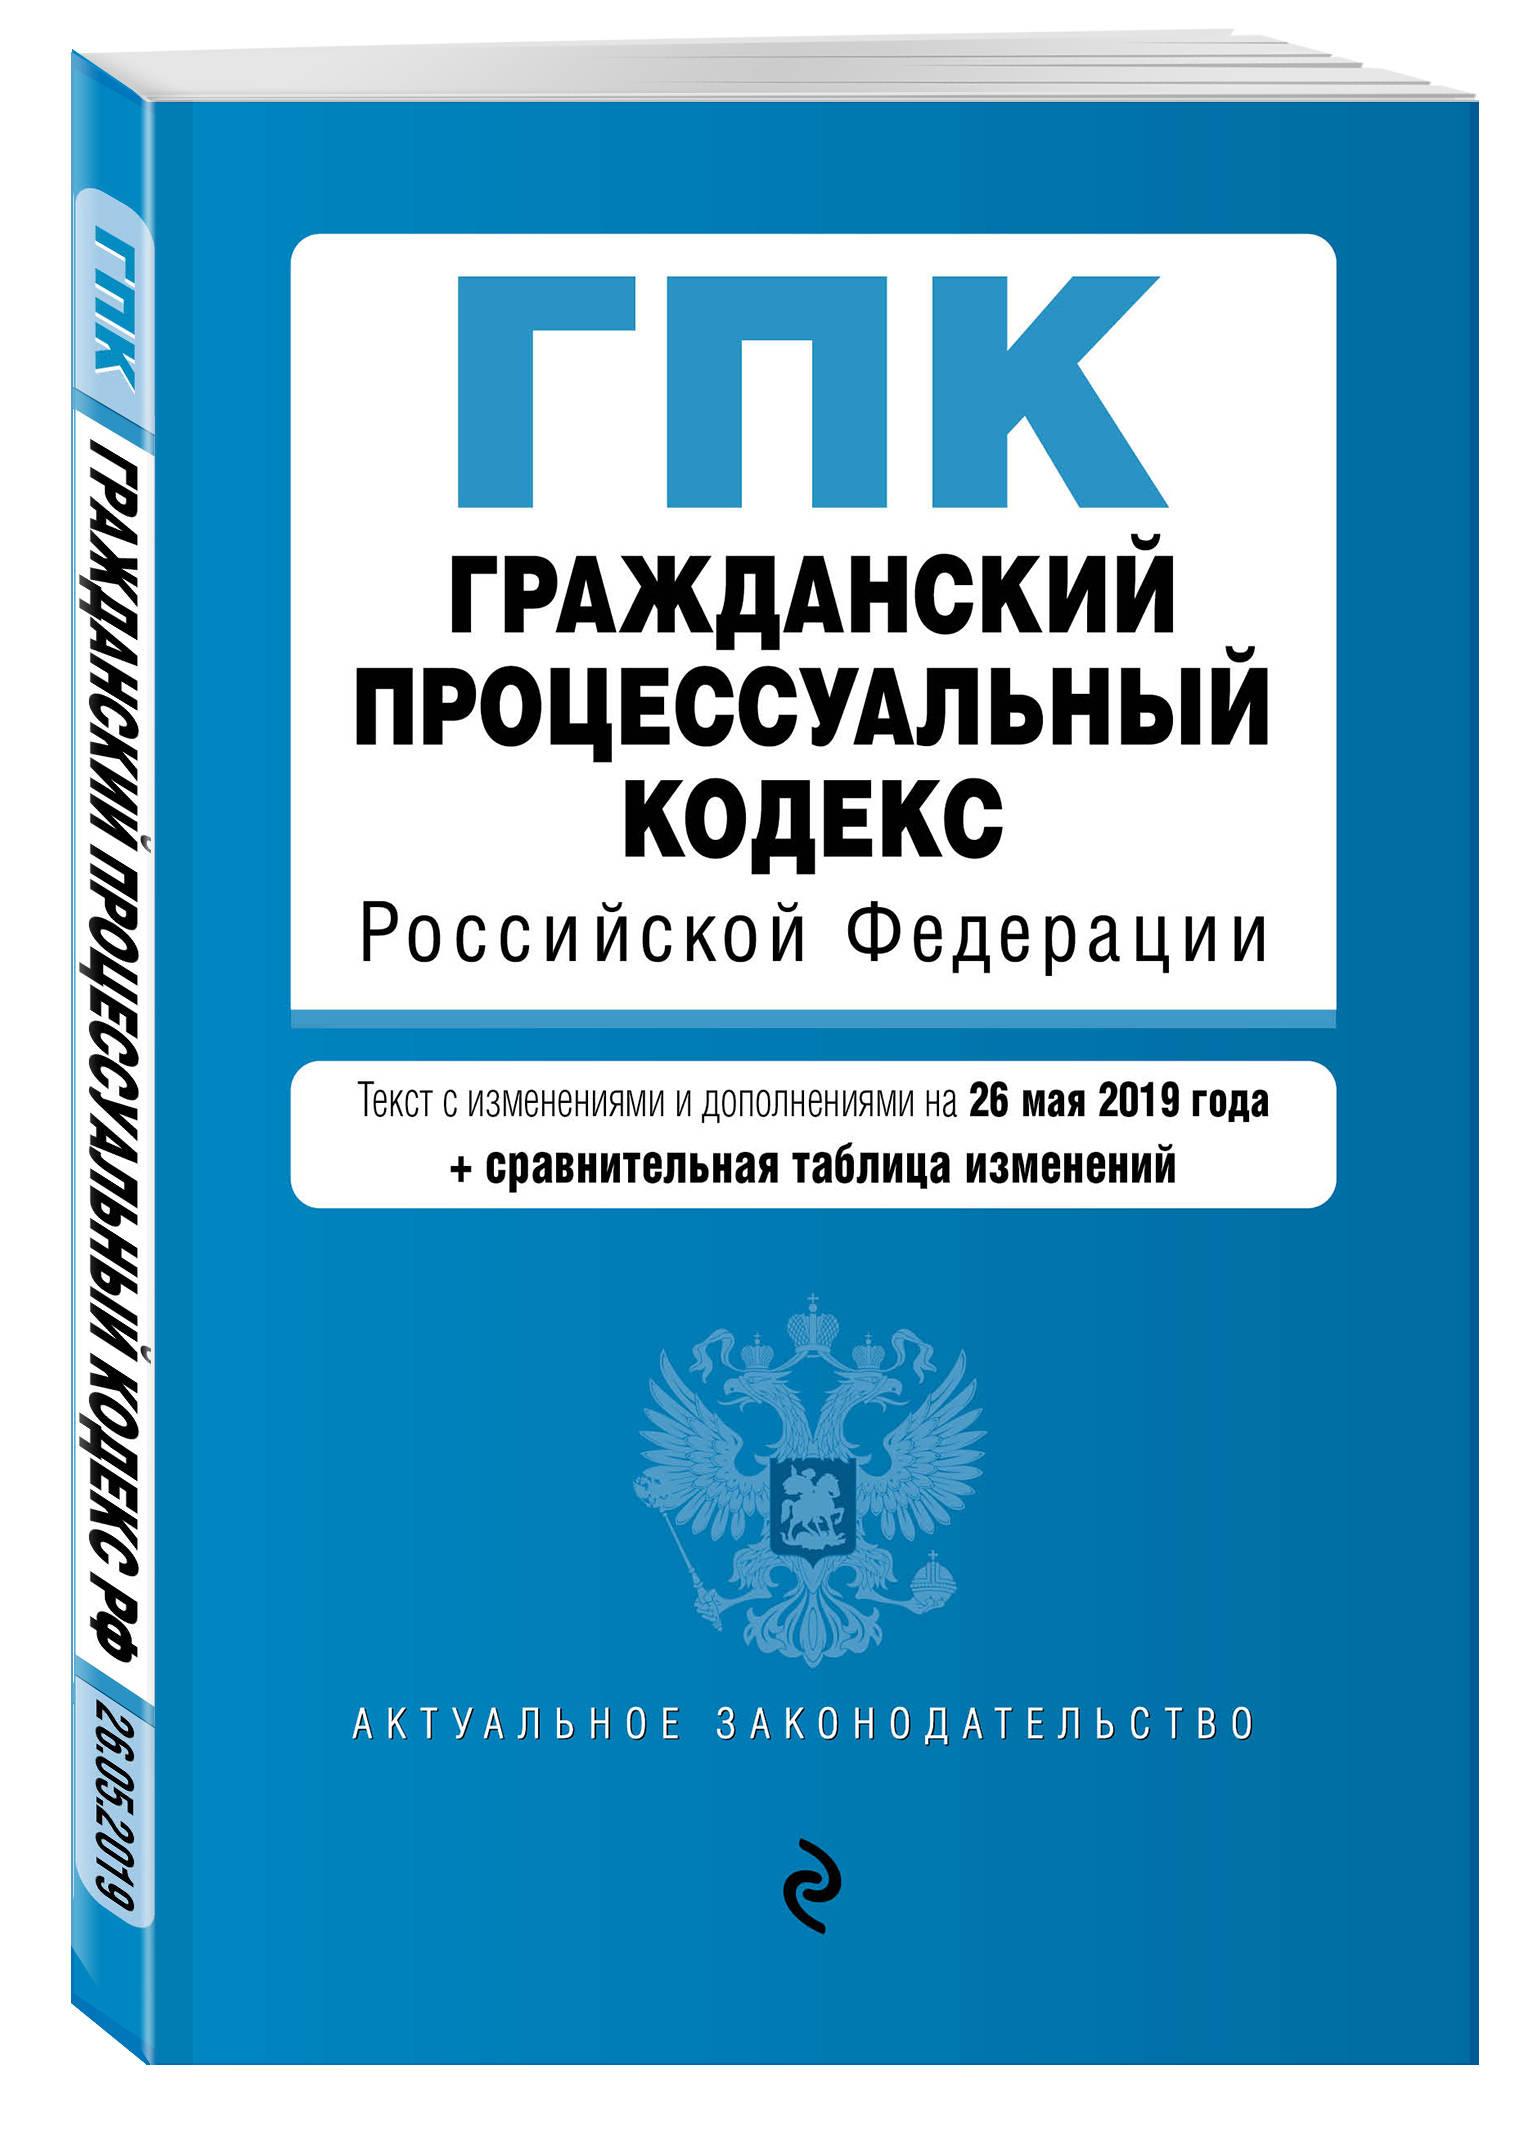 2 гражданский процессуальный кодекс